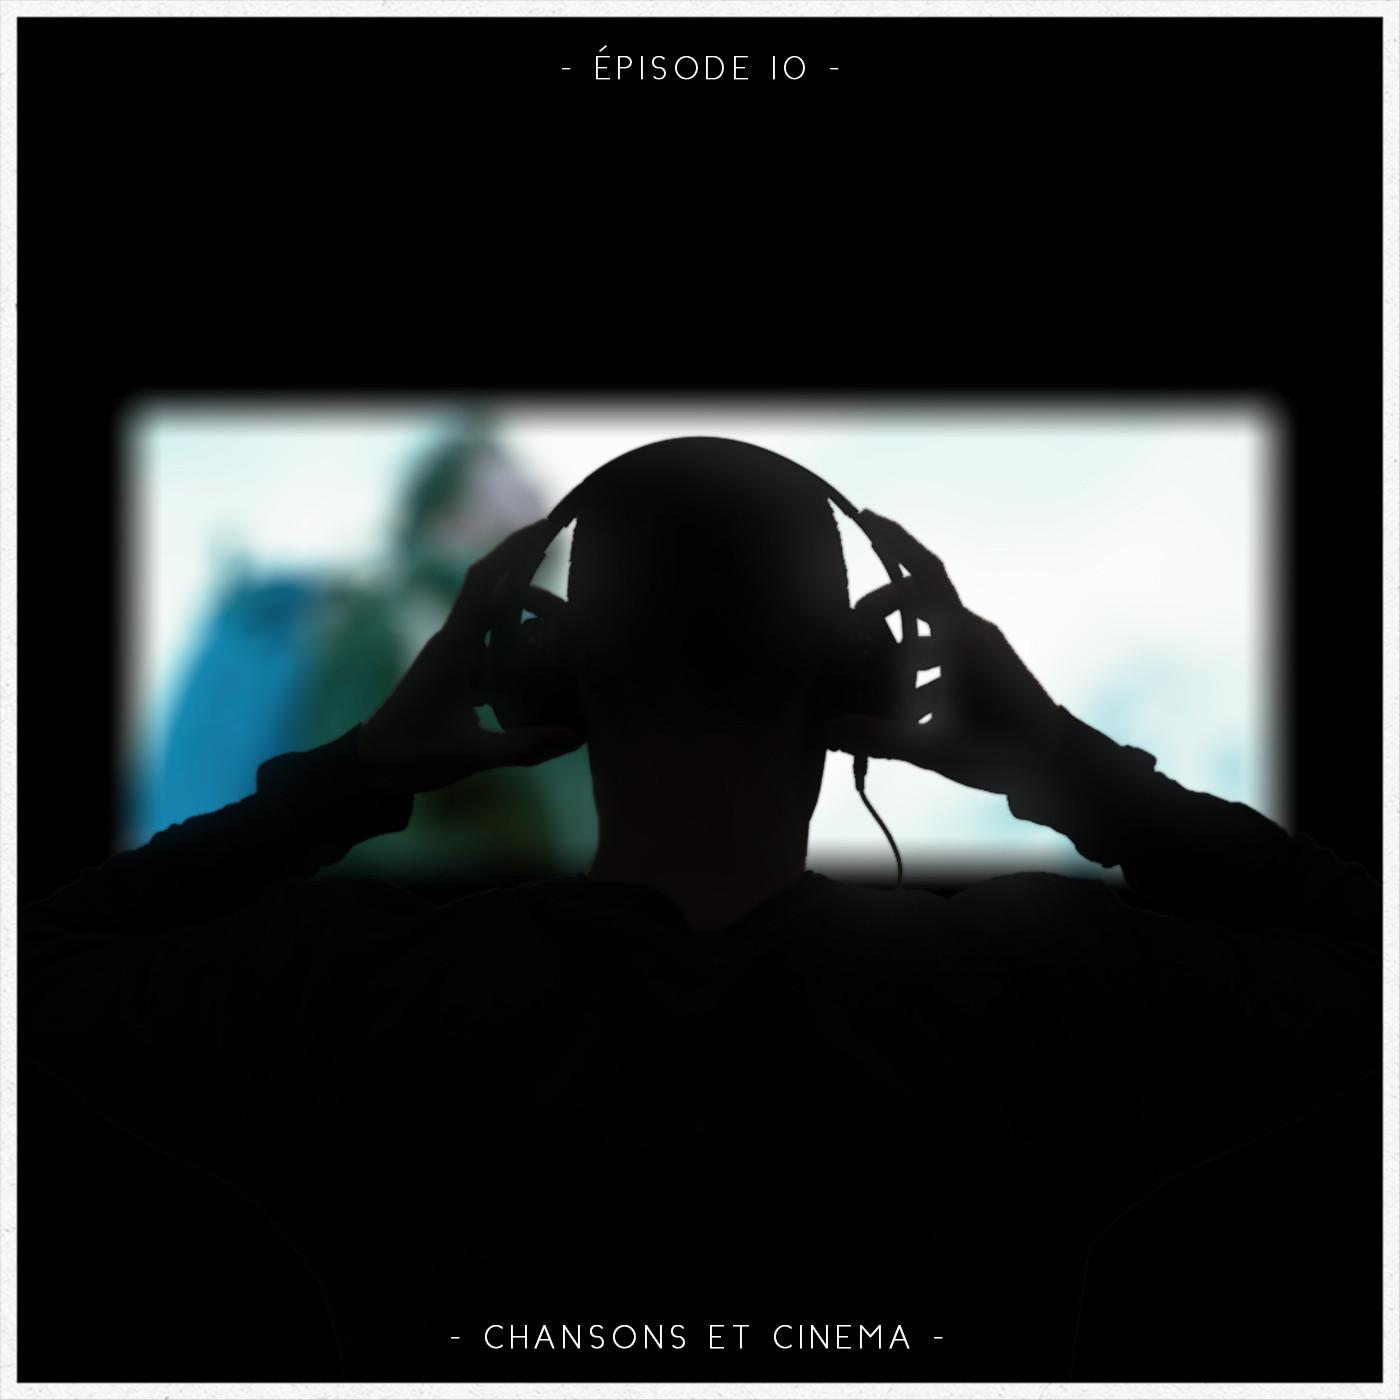 Episode 10 - Chansons et Cinéma